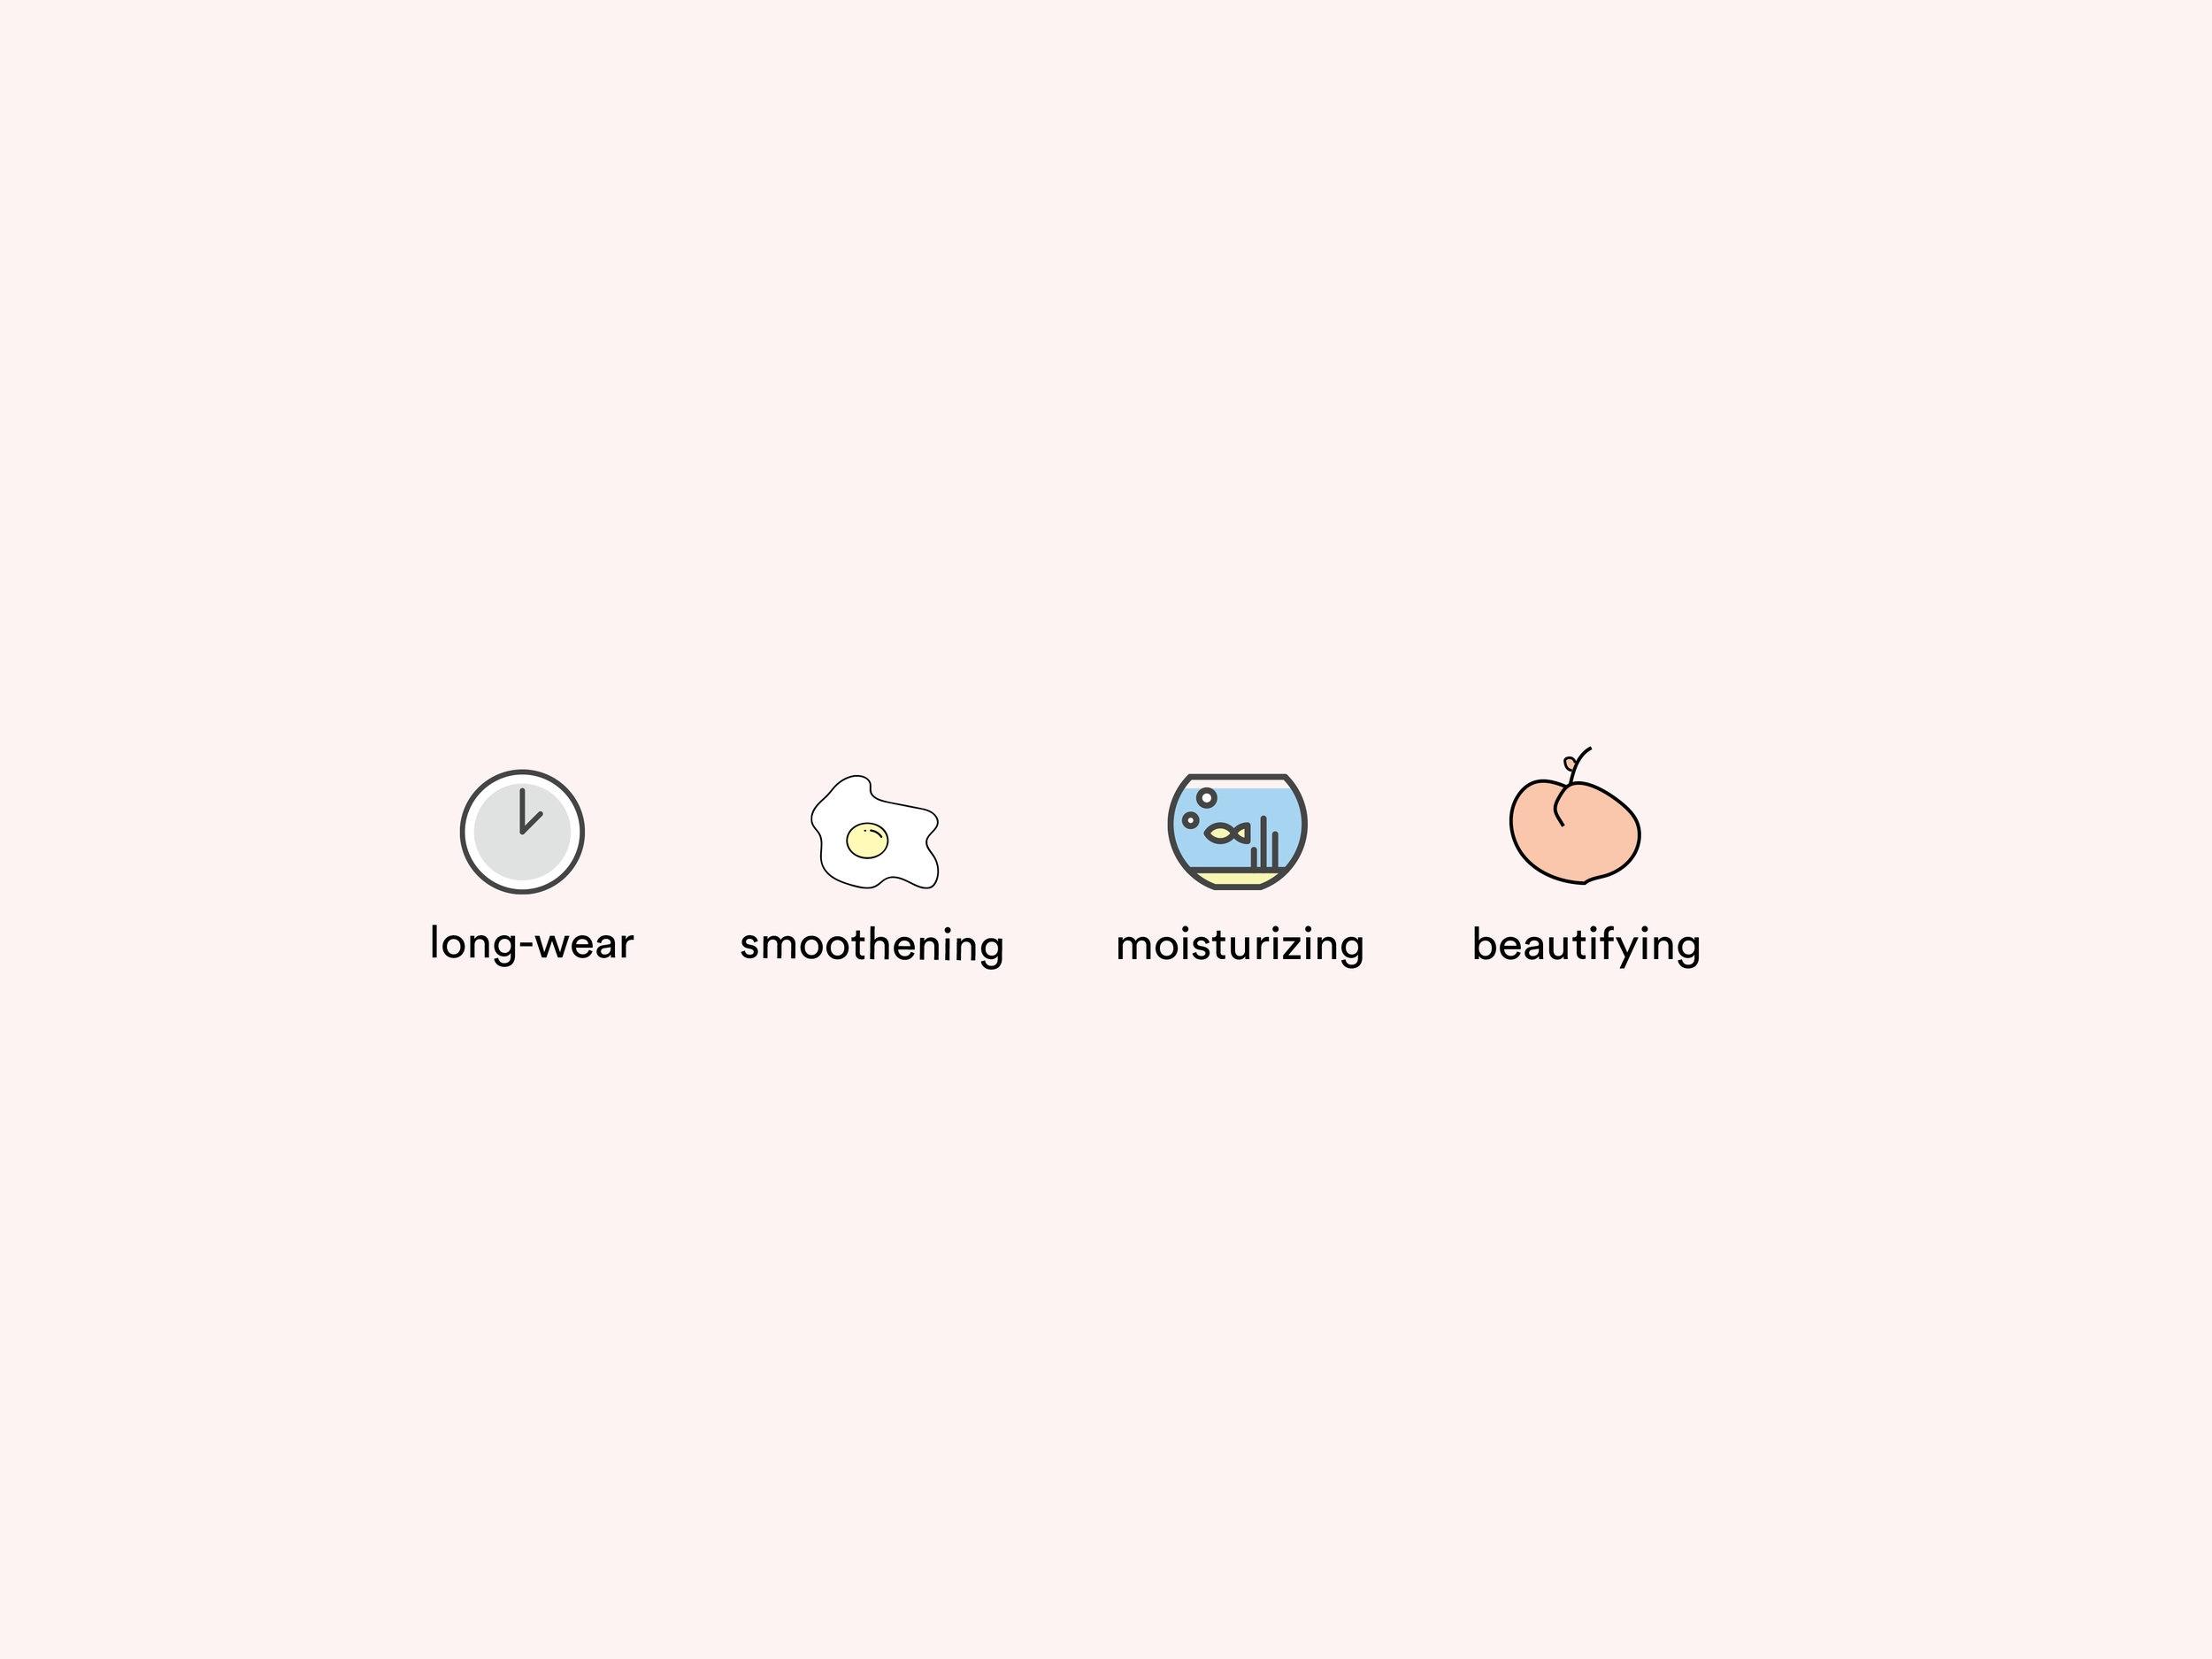 bibi+icons.jpg